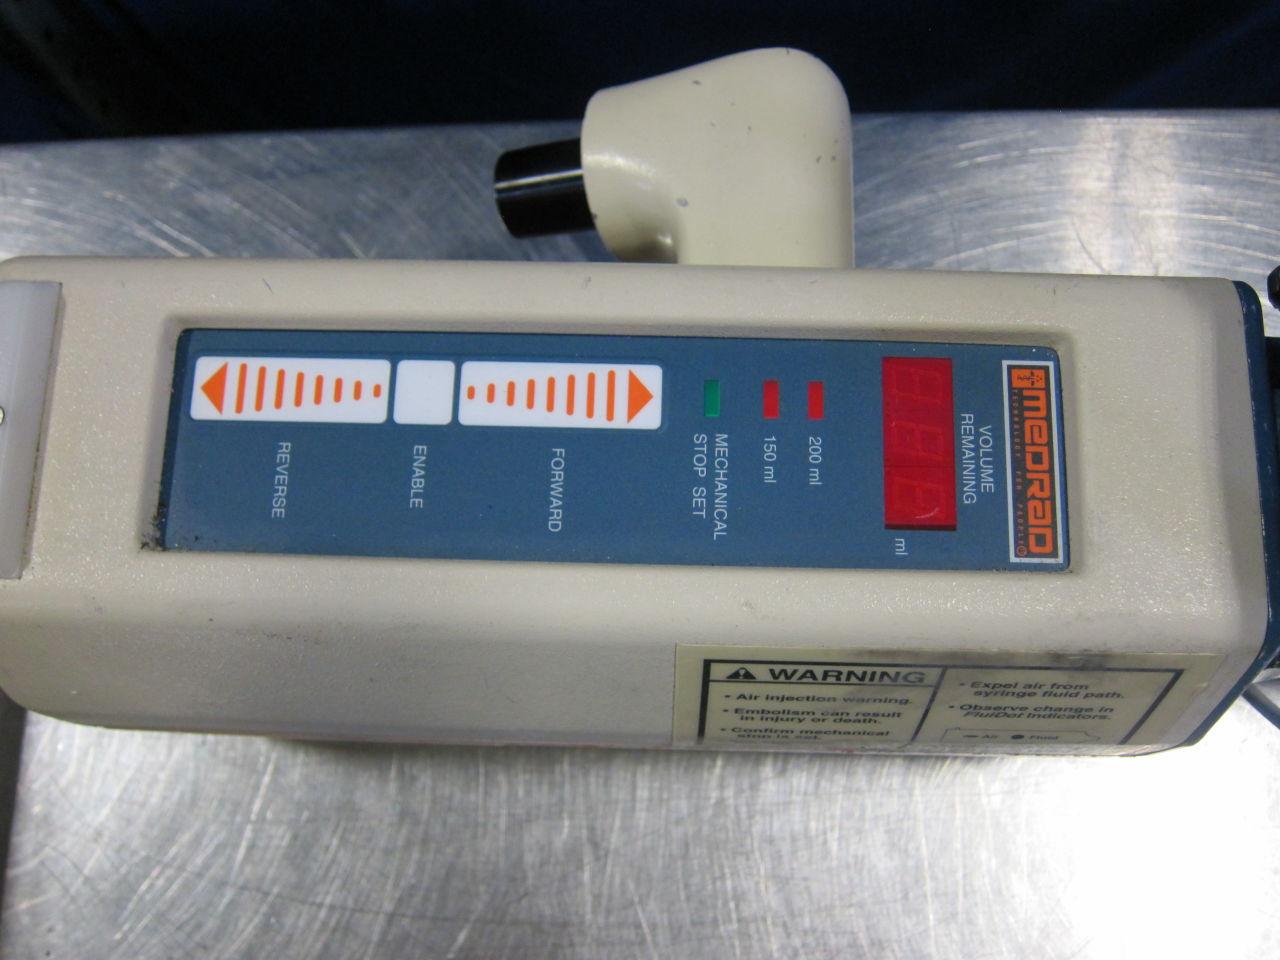 MEDRAD Mark V Plus Injector Angio